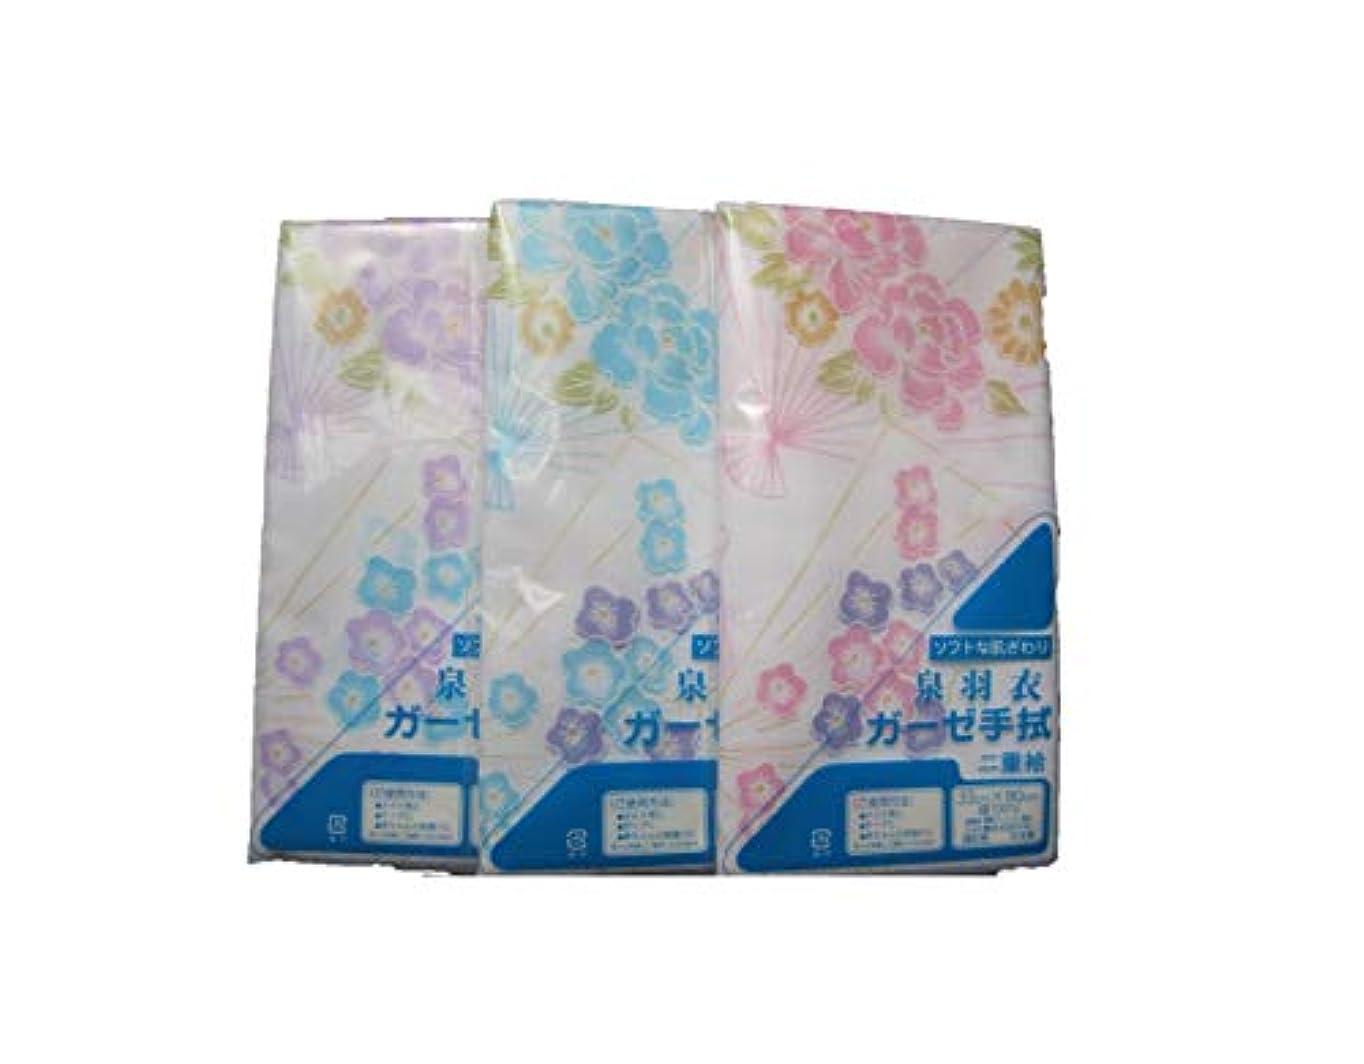 特性橋計算するガーゼ二重袷てぬぐい ピンク?紫?青各一色3枚セット 小花シリーズ 日本製約33cm×90cm(花檜扇)